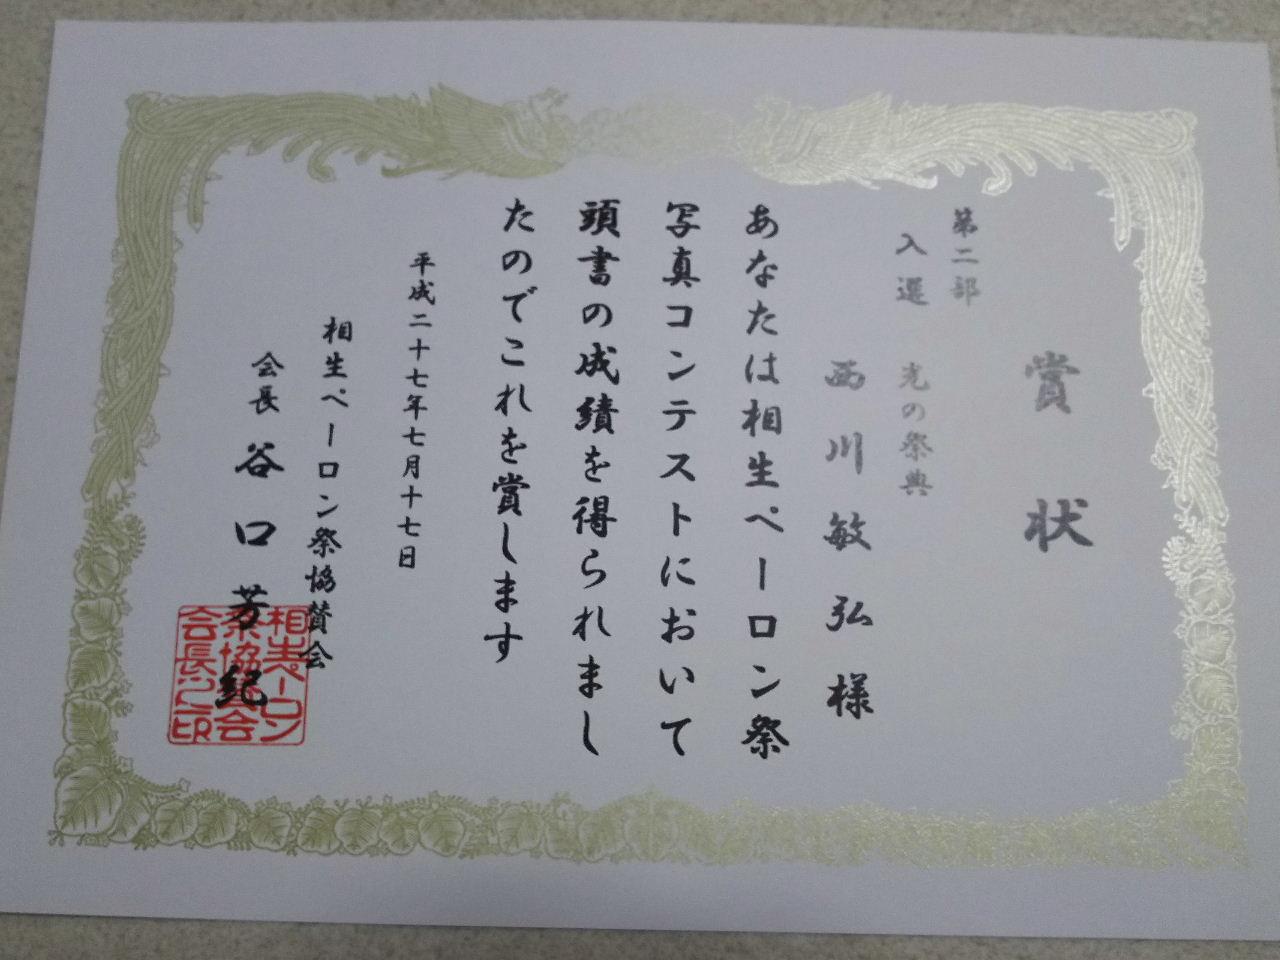 相生ペーロン祭写真コンテスト第二部花火写真部門入選_a0288226_1371314.jpg